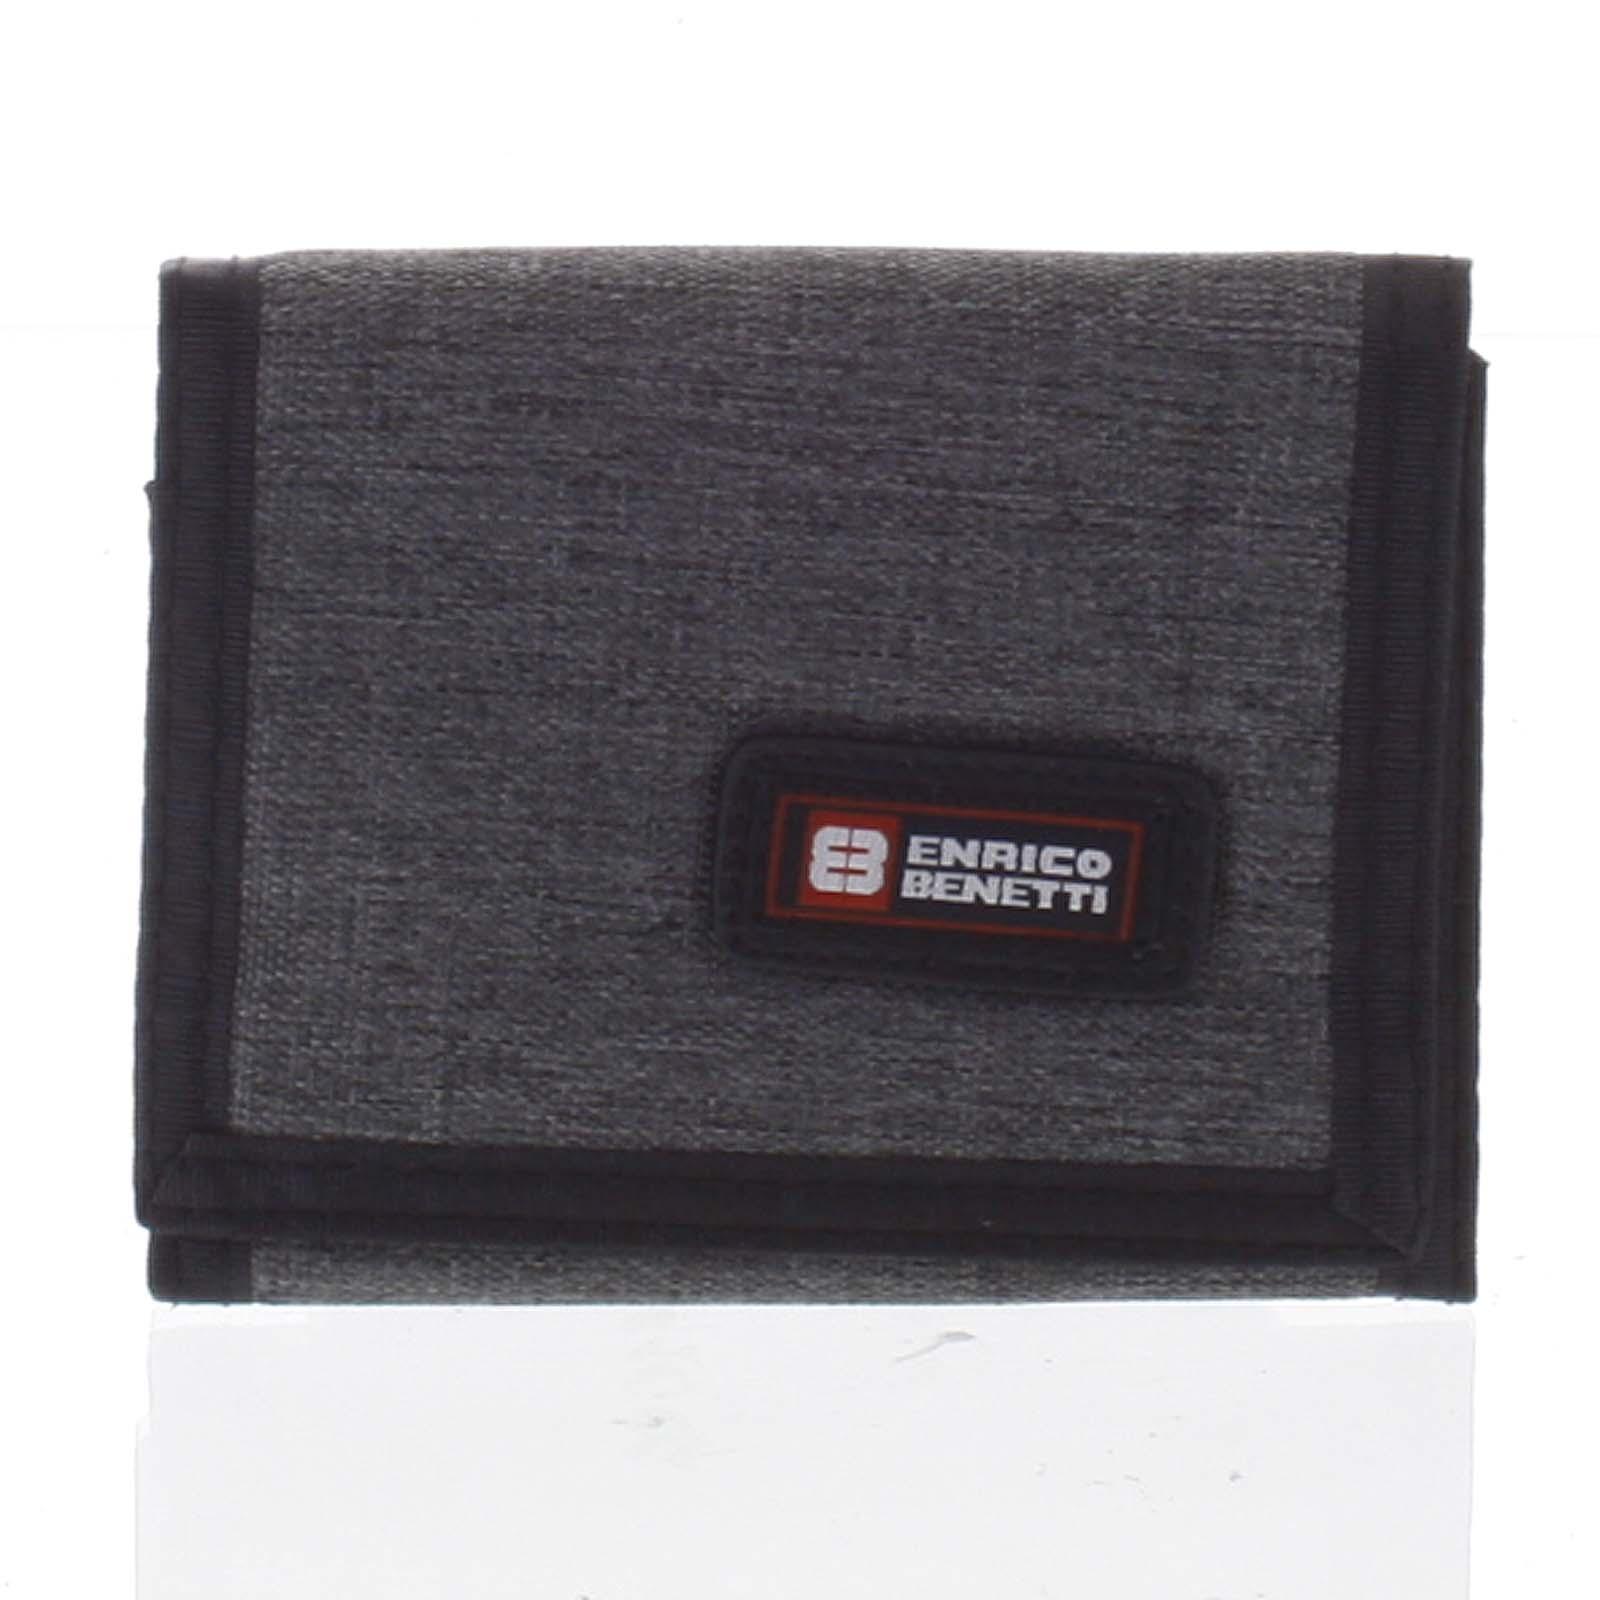 Peněženka látková tmavě šedá - Enrico Benetti 4600